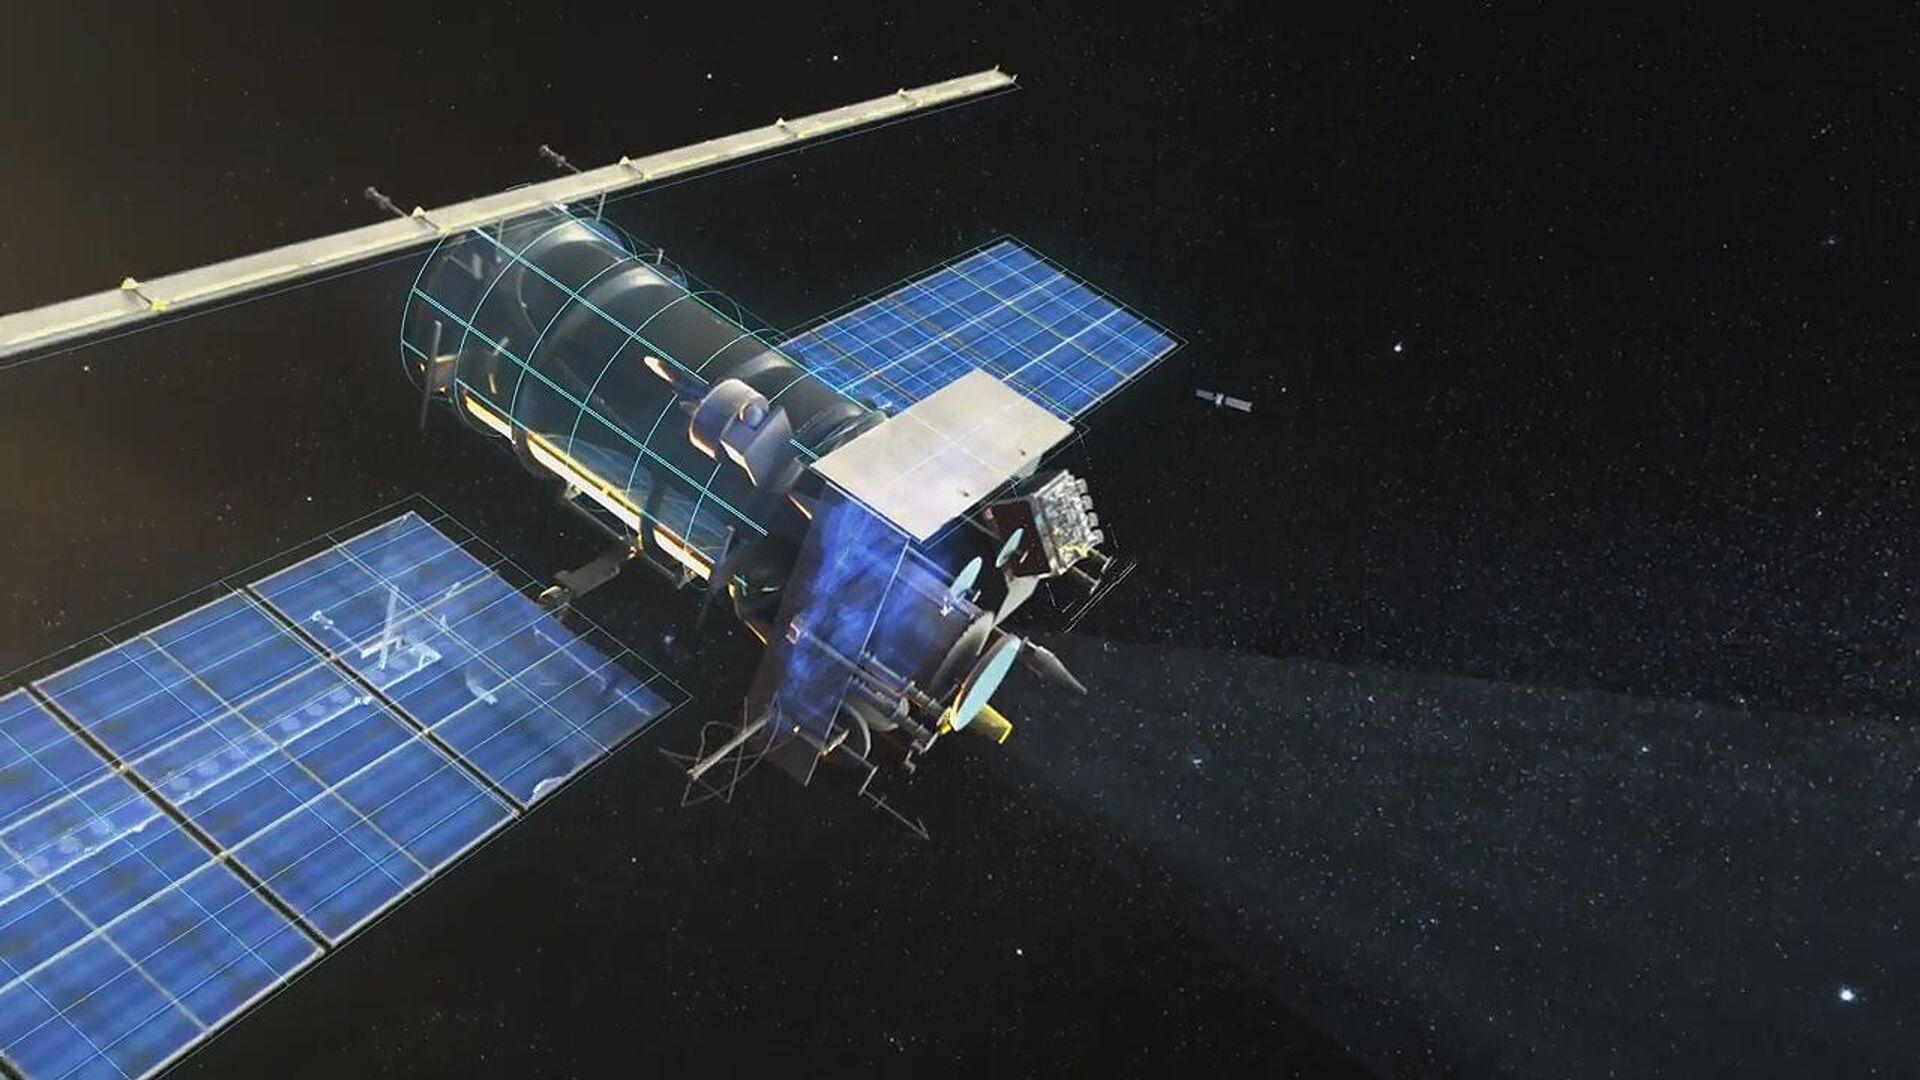 """Потерявший ориентацию метеоспутник """"Метеор-М"""" выведен из работы"""